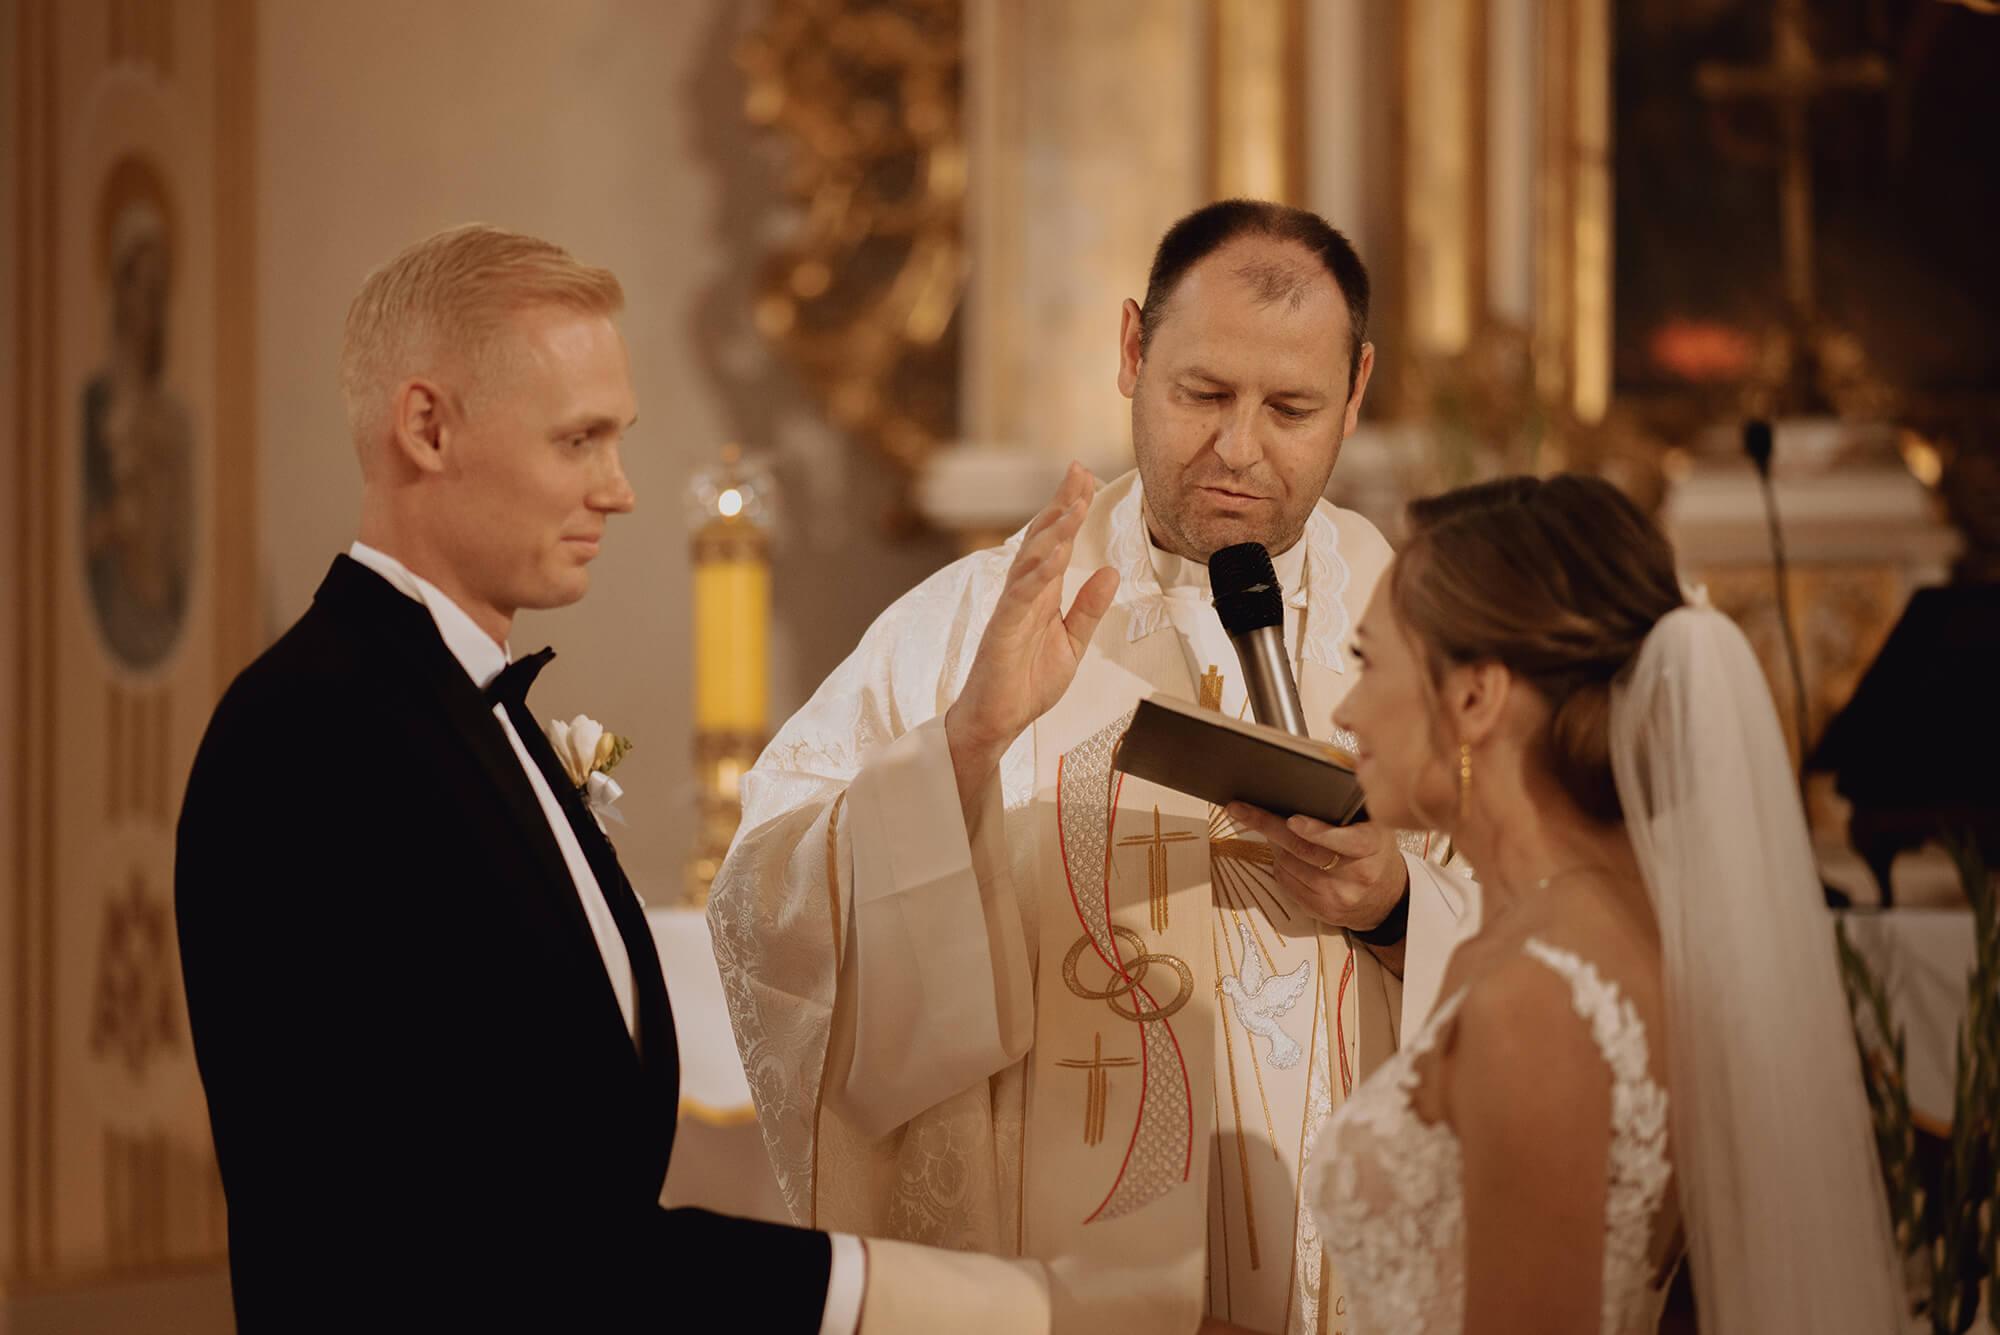 Slub wesele w dworze Hulanka00018 - Ola + Maciej | wesele w Dworze Hulanka